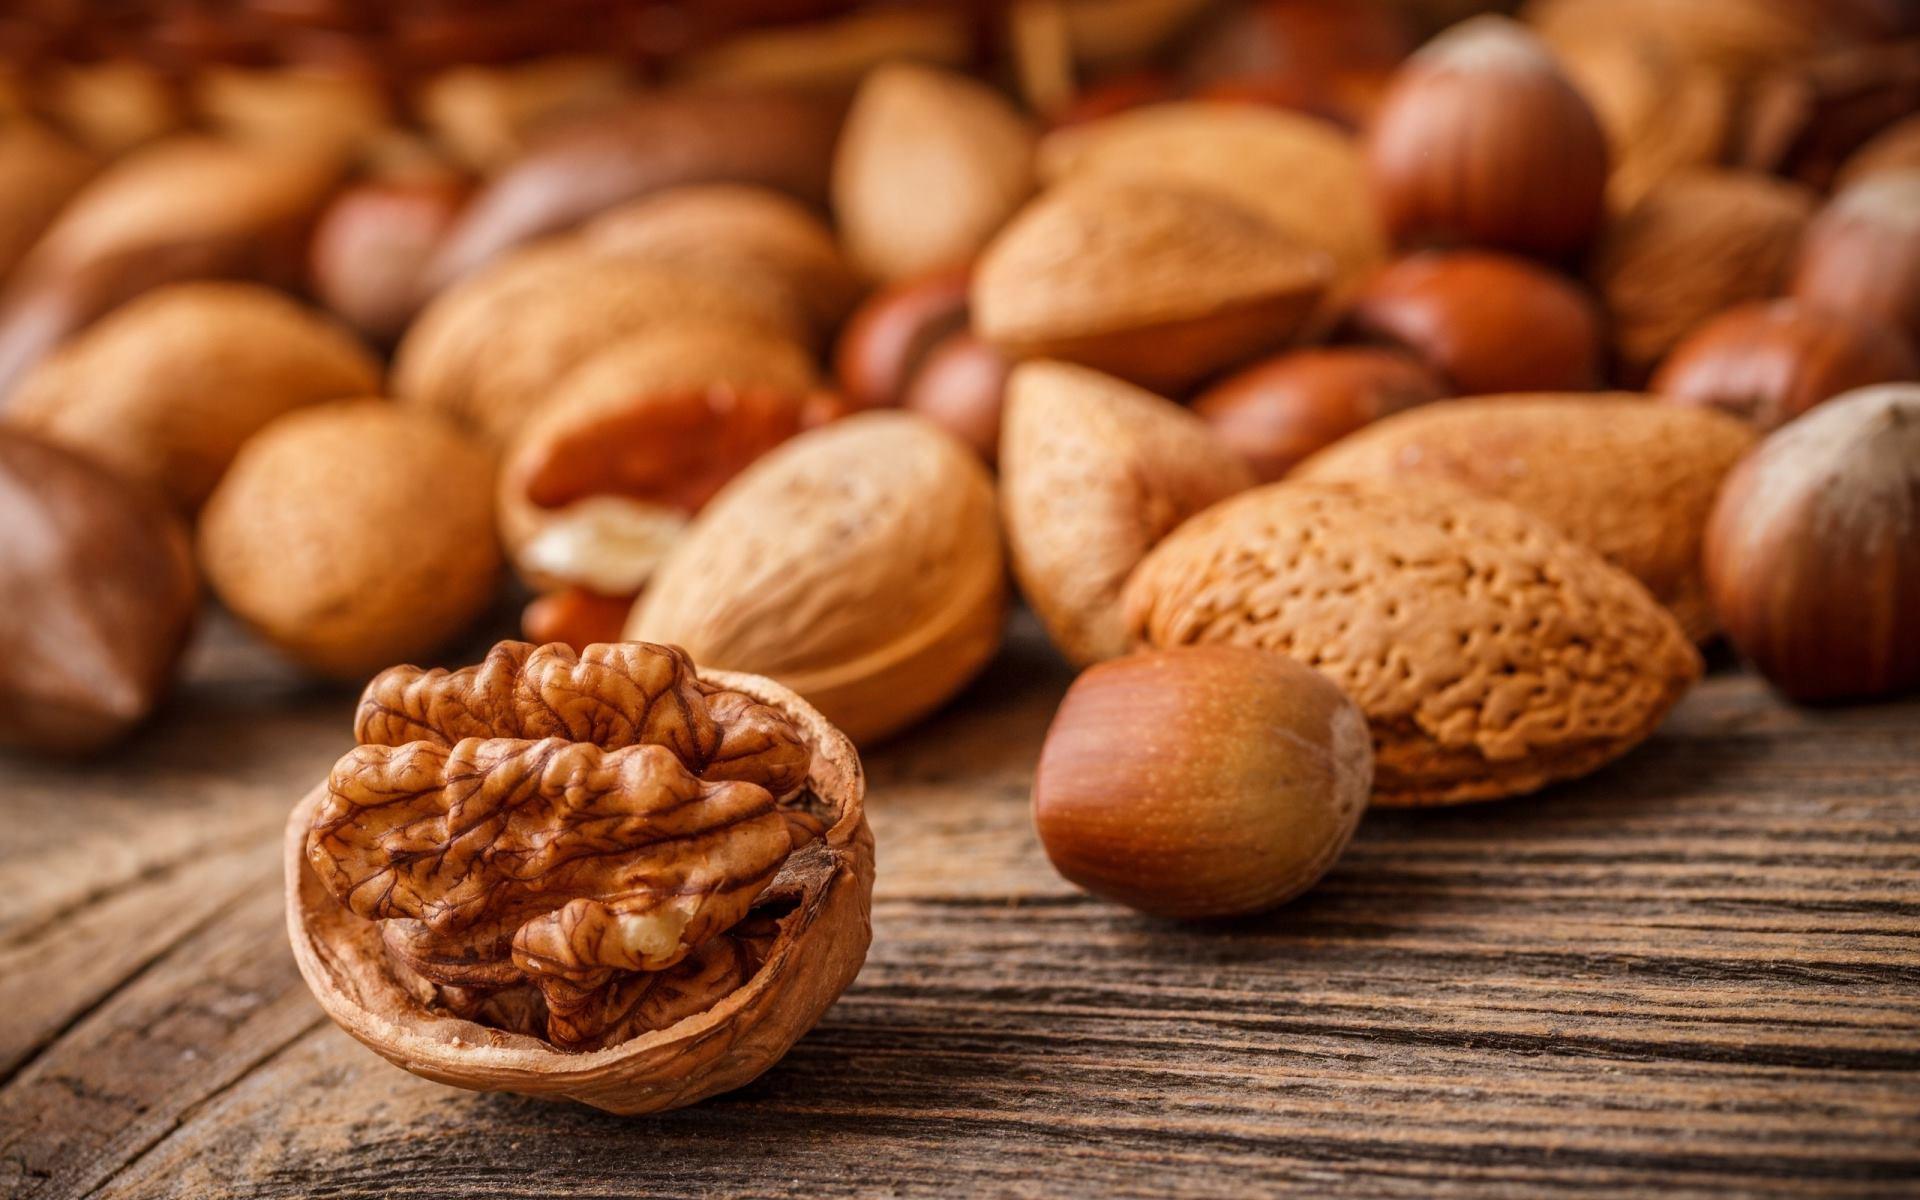 walnut desktop hd wallpaper 52738